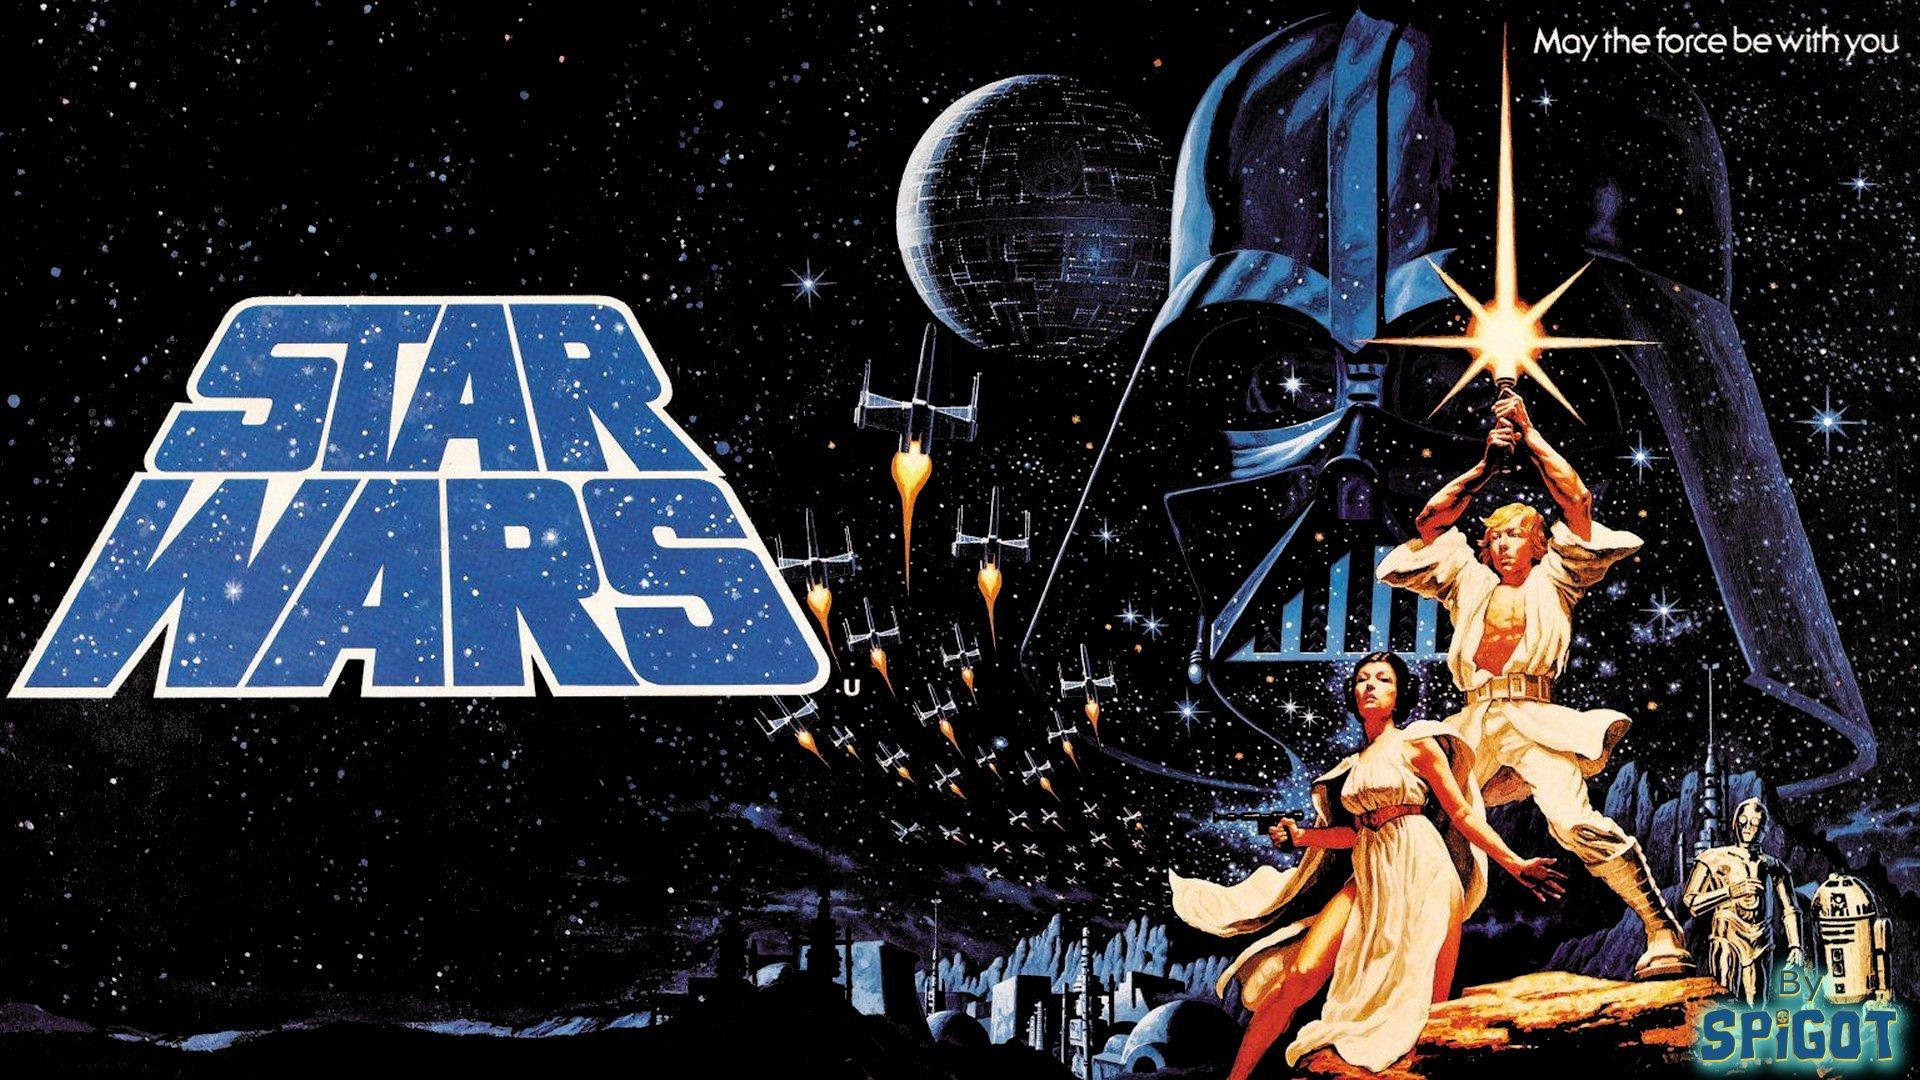 Star Wars Wallpaper 1920x1080 43451